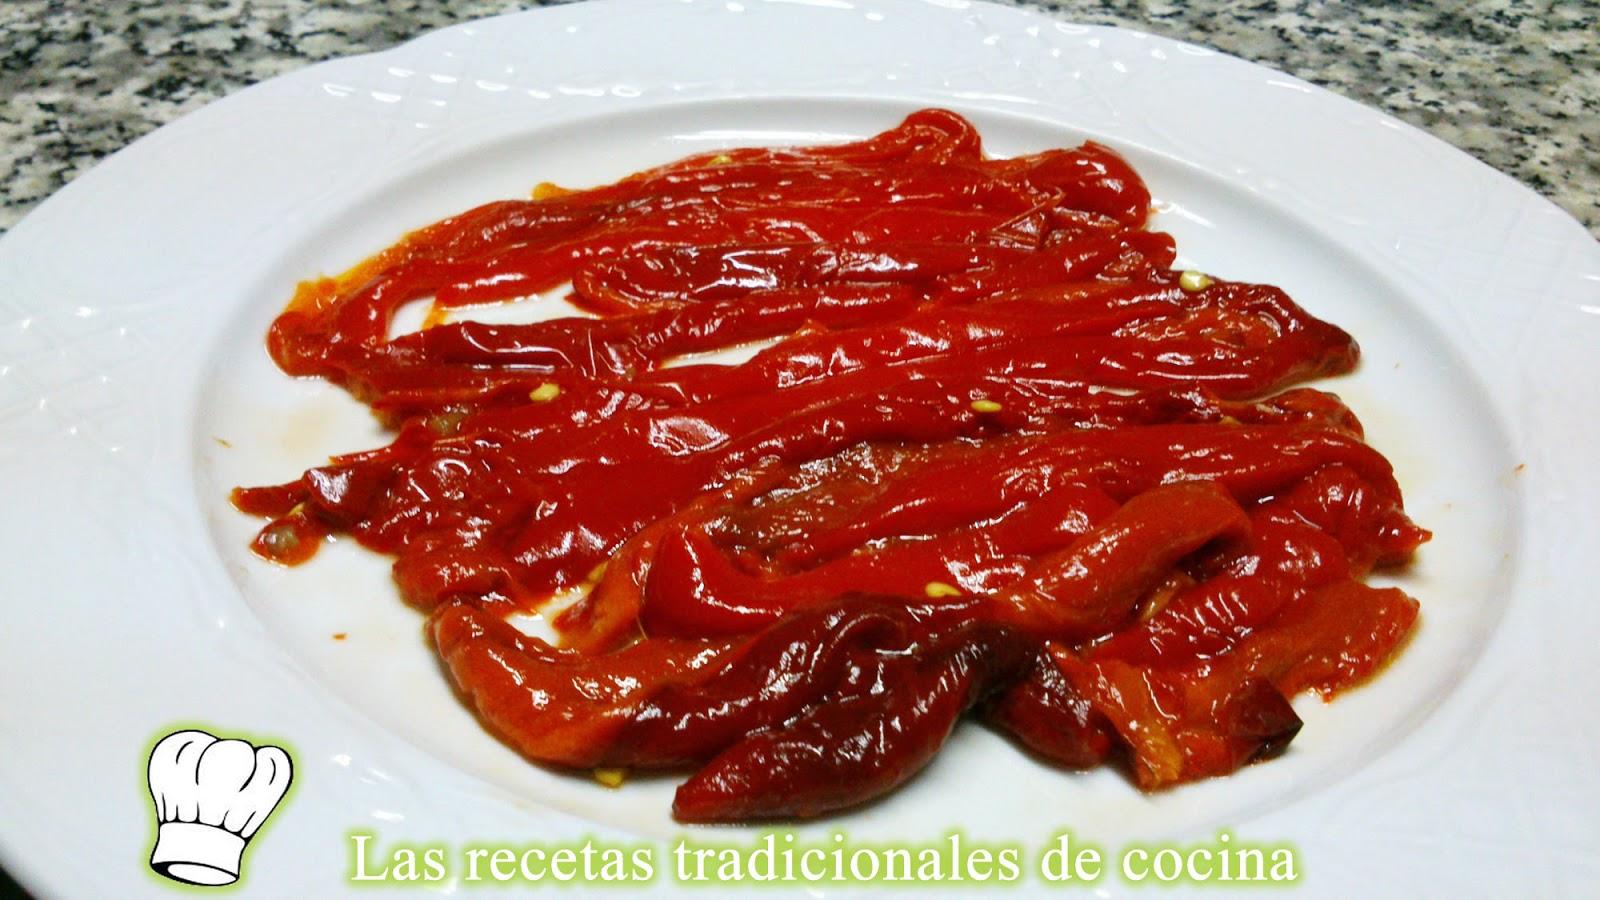 Recetas de cocina con sabor tradicional 2016 car release - Cocinar pimientos asados ...